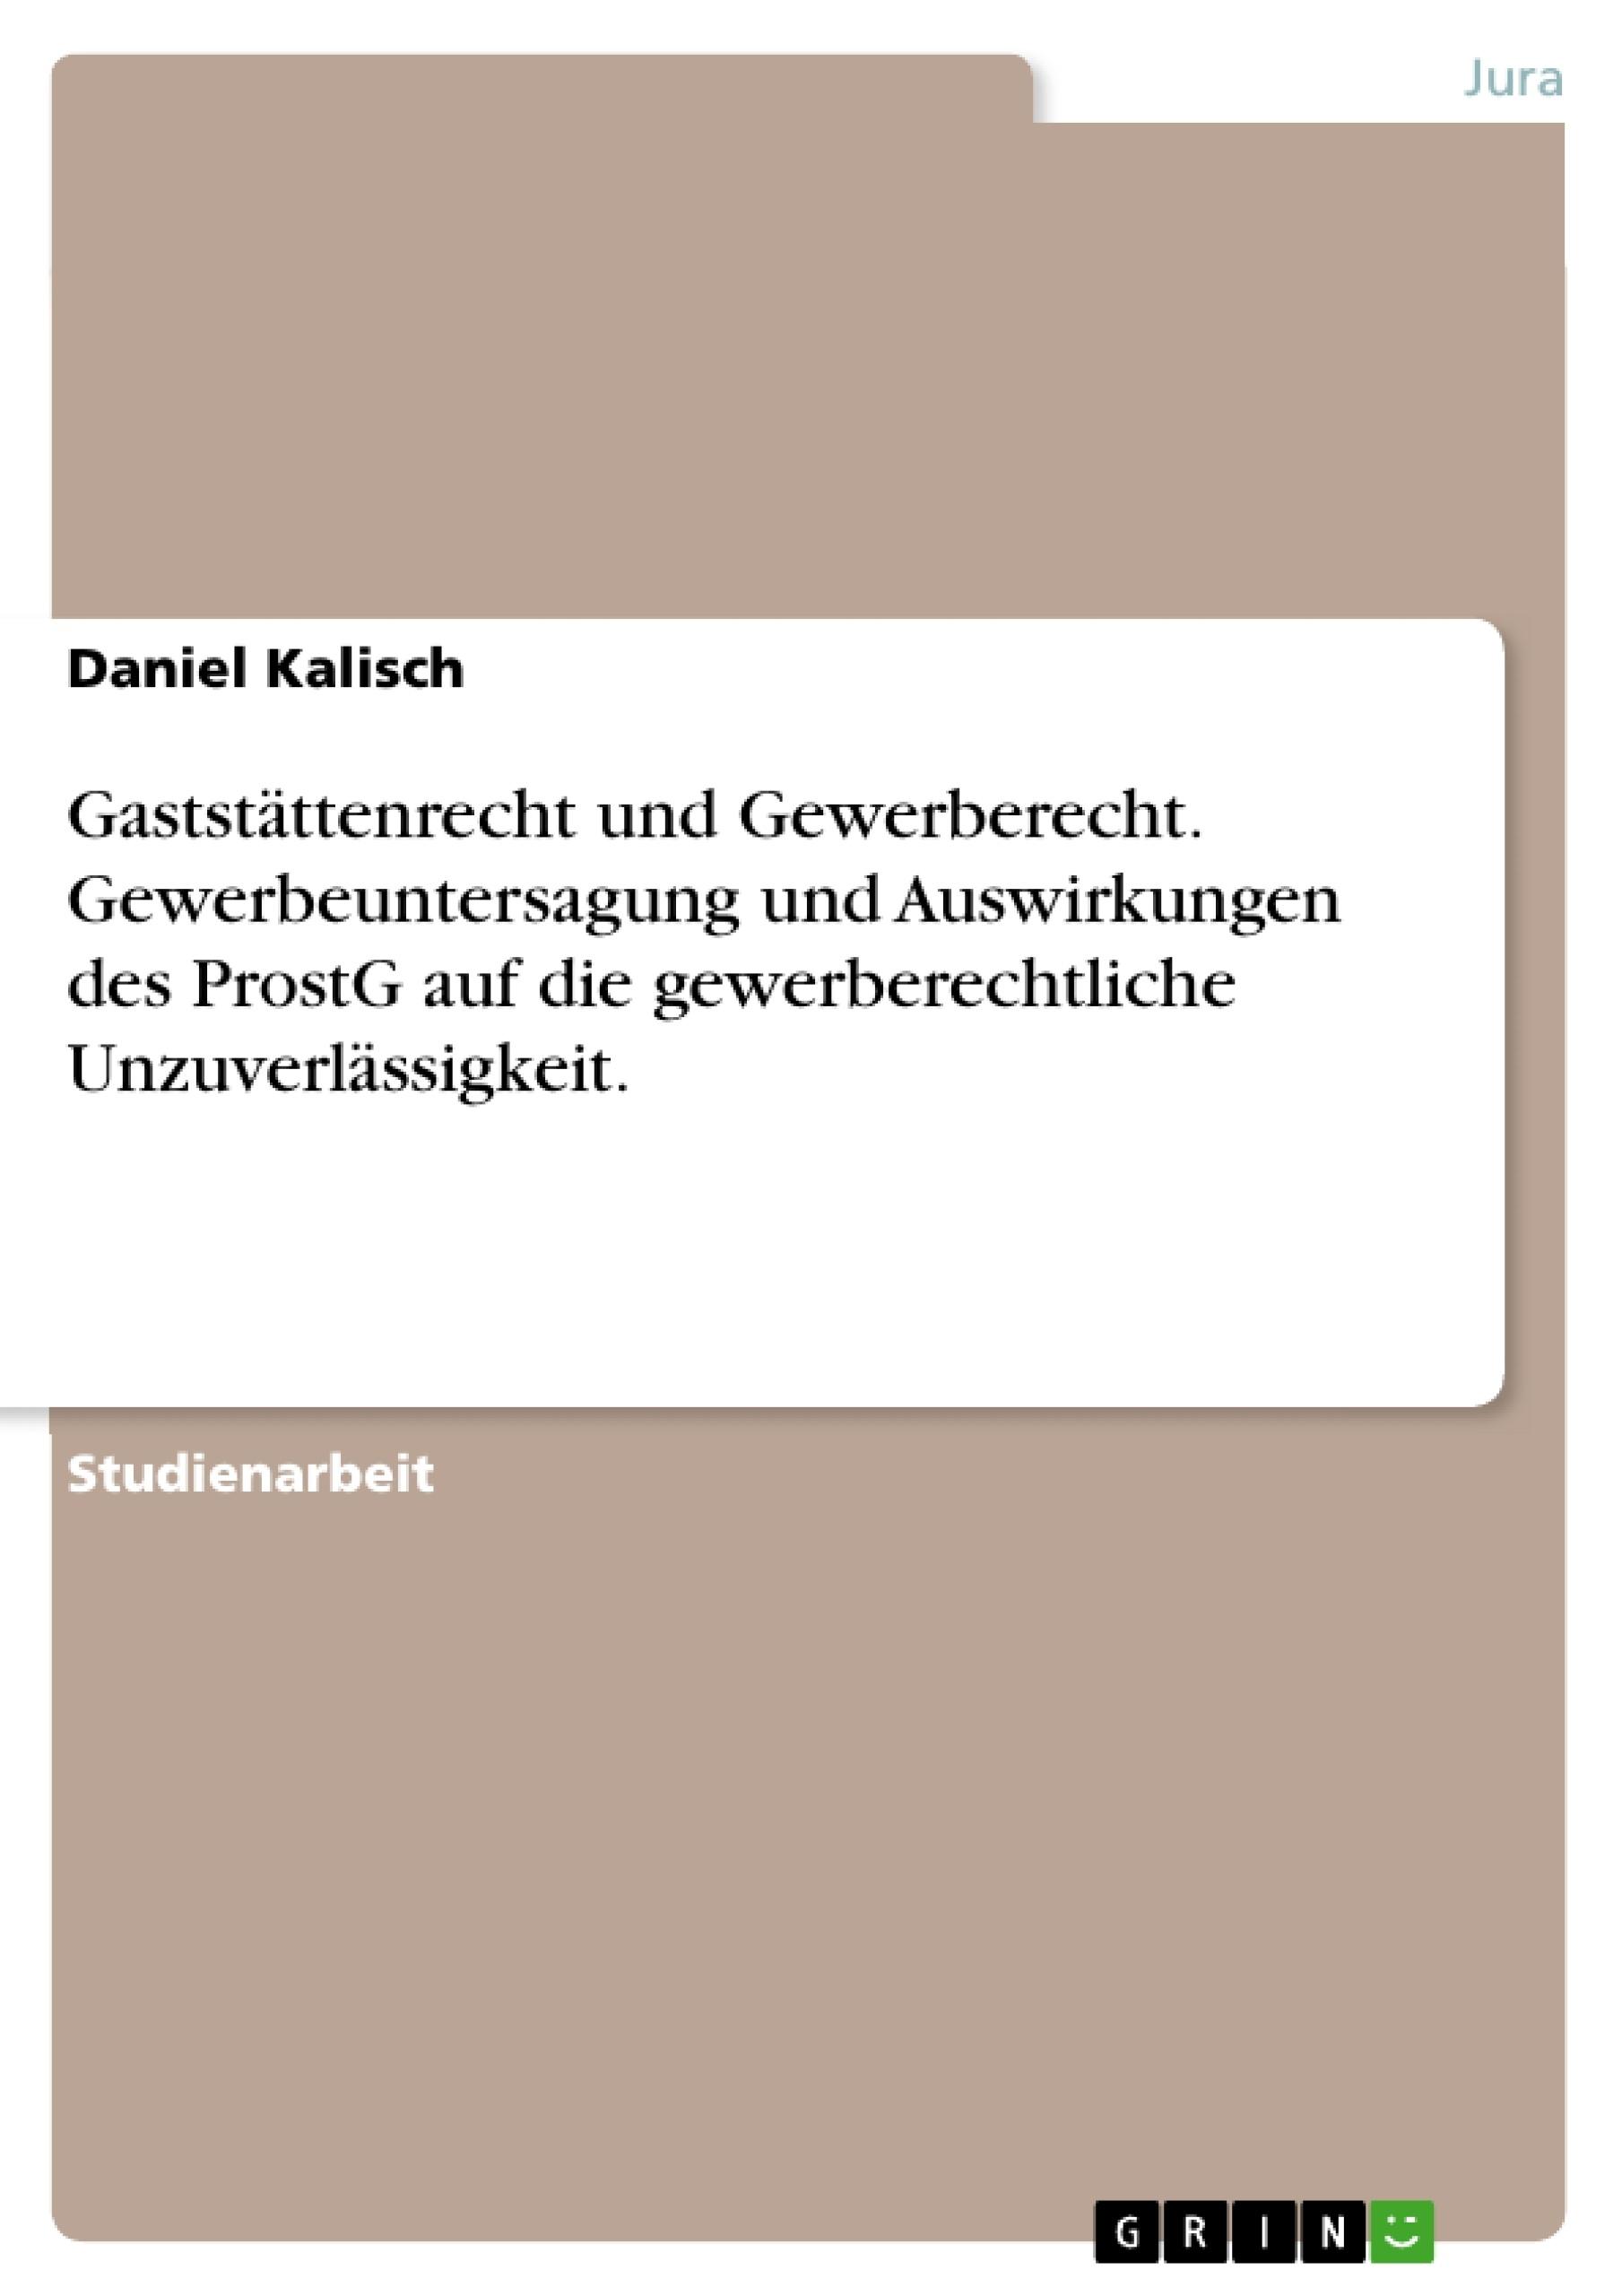 Titel: Gaststättenrecht und Gewerberecht. Gewerbeuntersagung und Auswirkungen des ProstG auf die gewerberechtliche Unzuverlässigkeit.